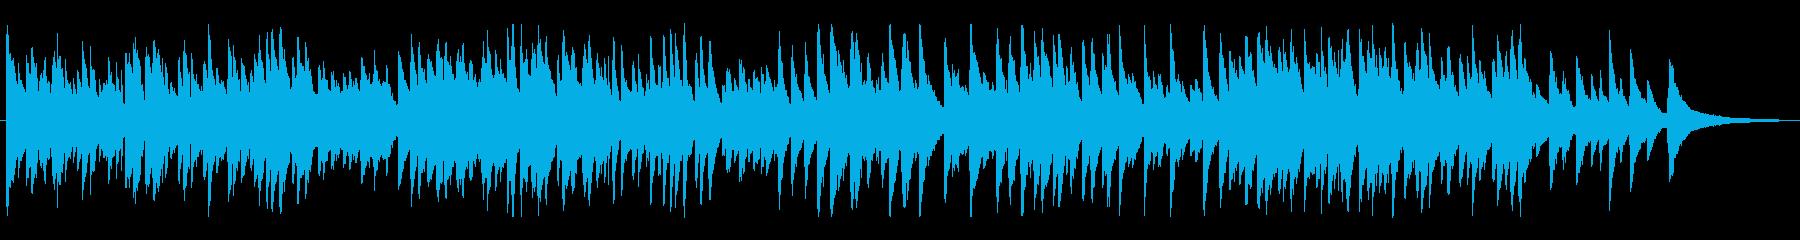 ジャズ風のゆっくりめラウンジピアノソロの再生済みの波形